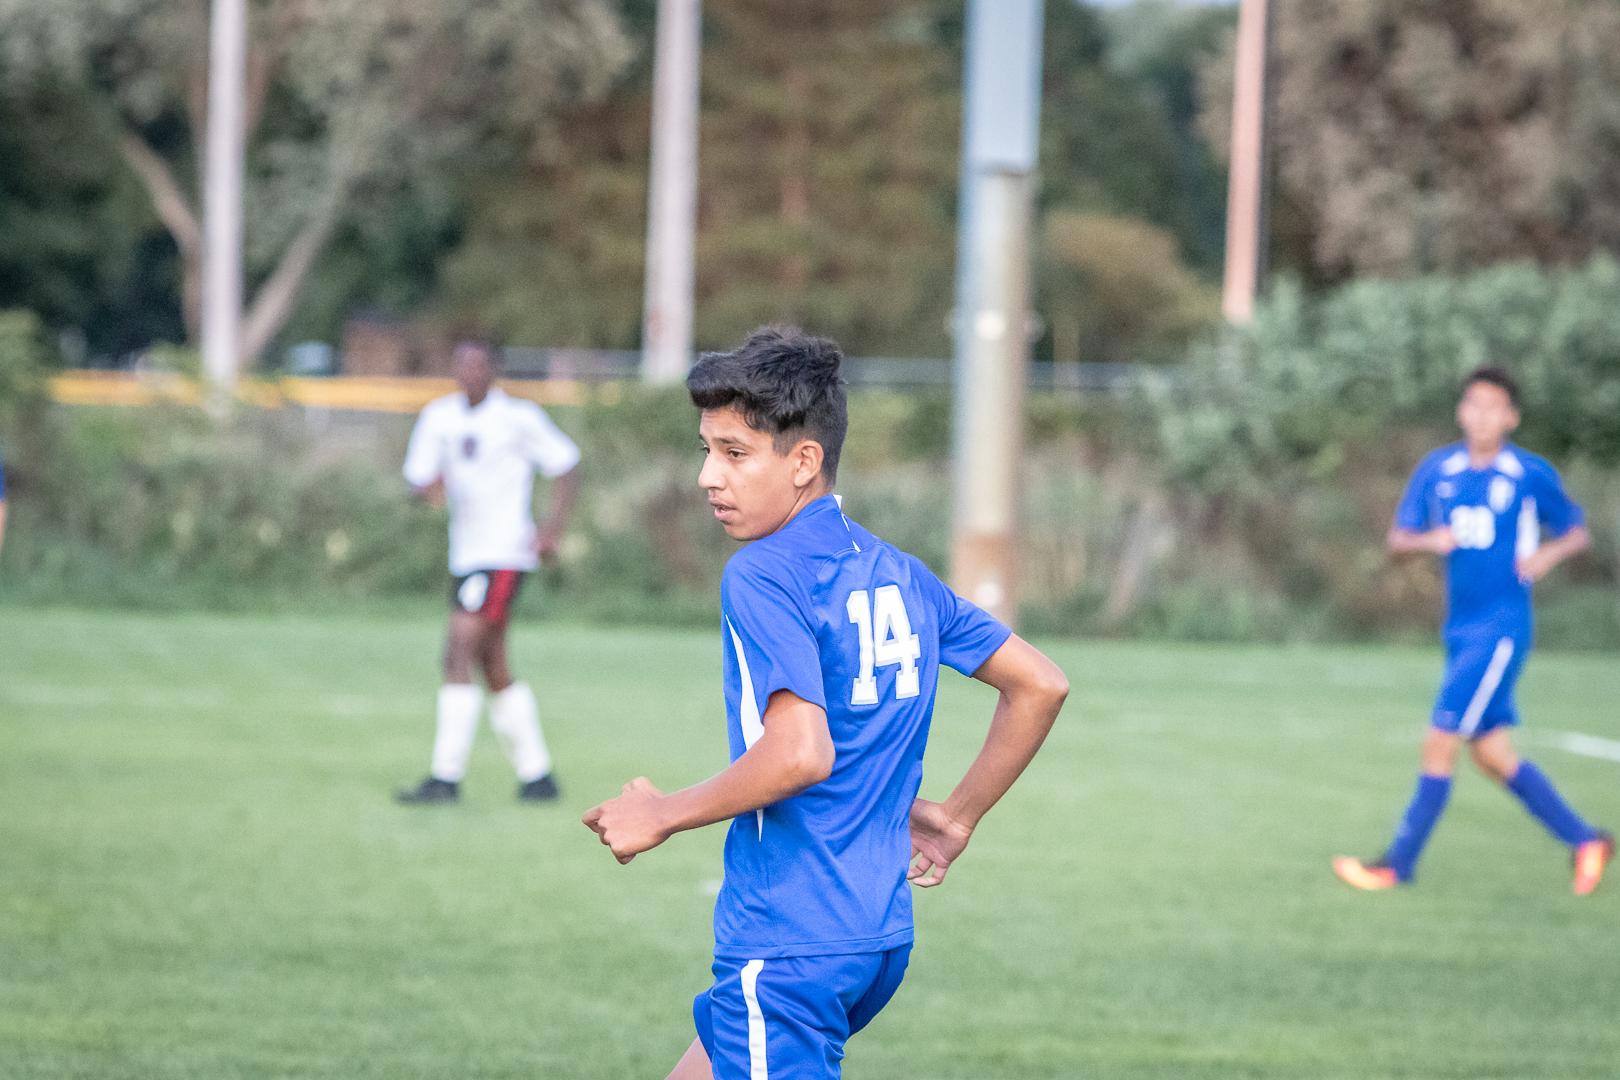 Marian-Varsity-Boys-Soccer-9649.jpg